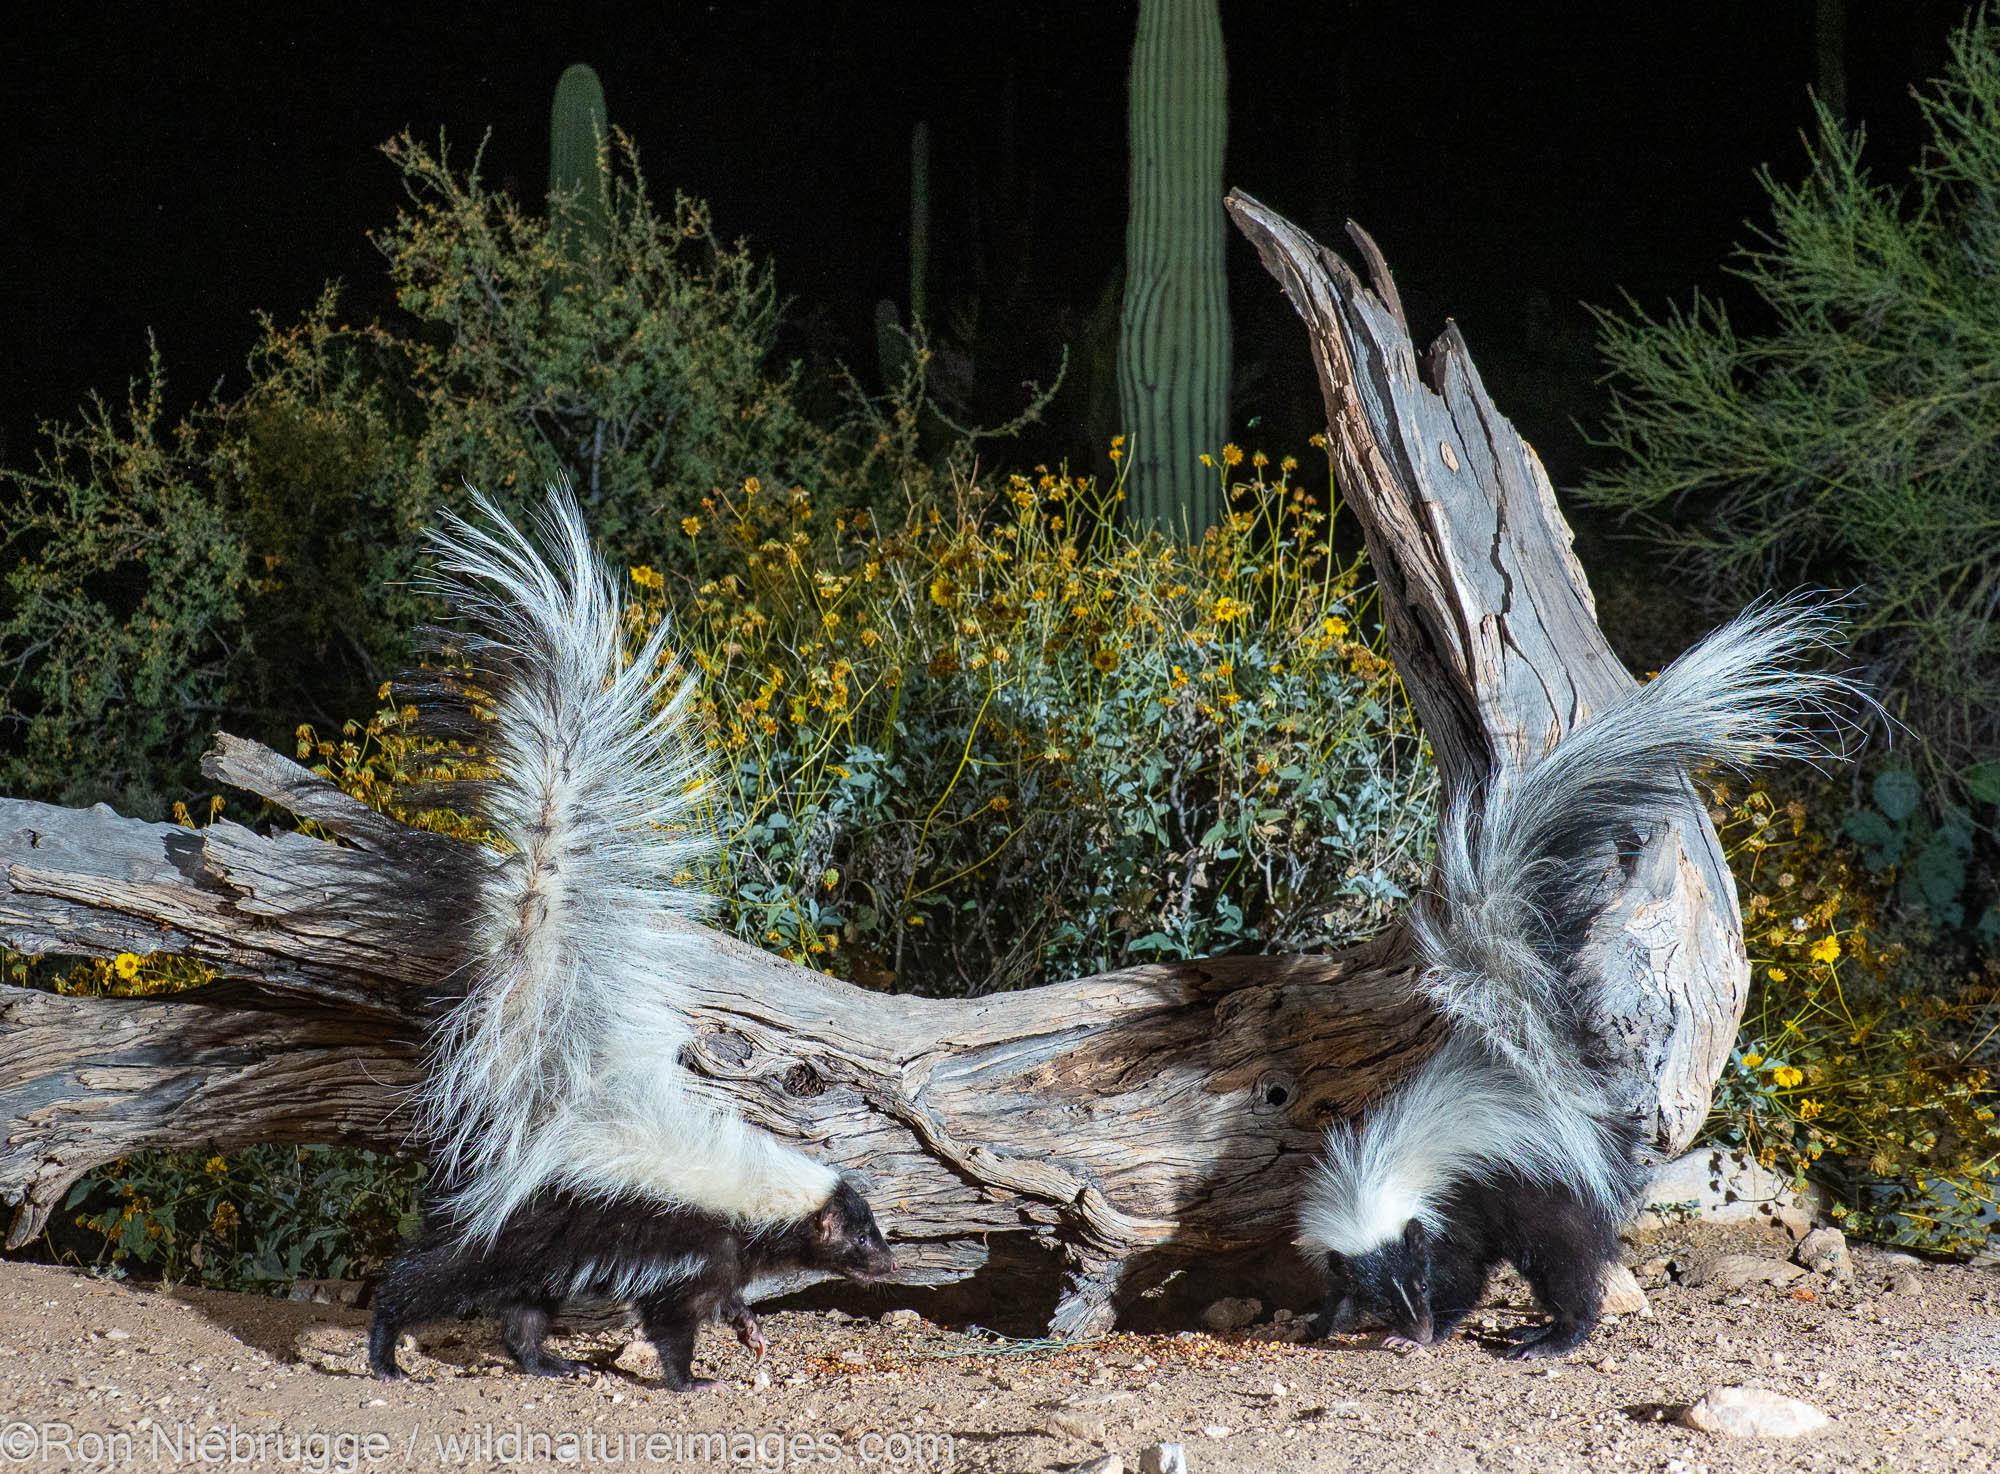 Hooded and Striped Skunks, Marana, near Tucson, Arizona.